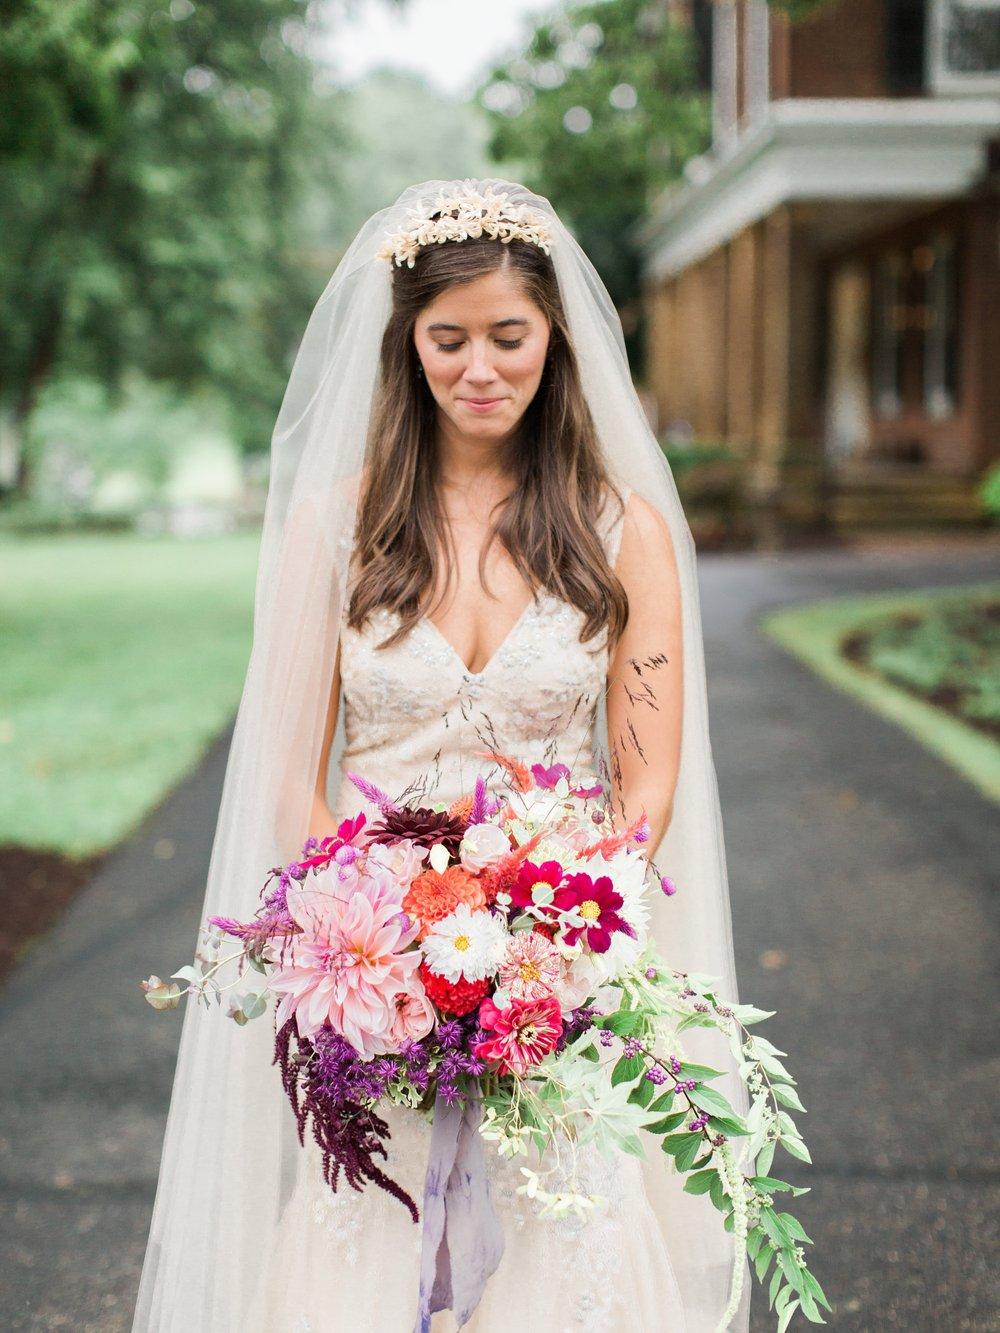 Jenny's bridal bouquet